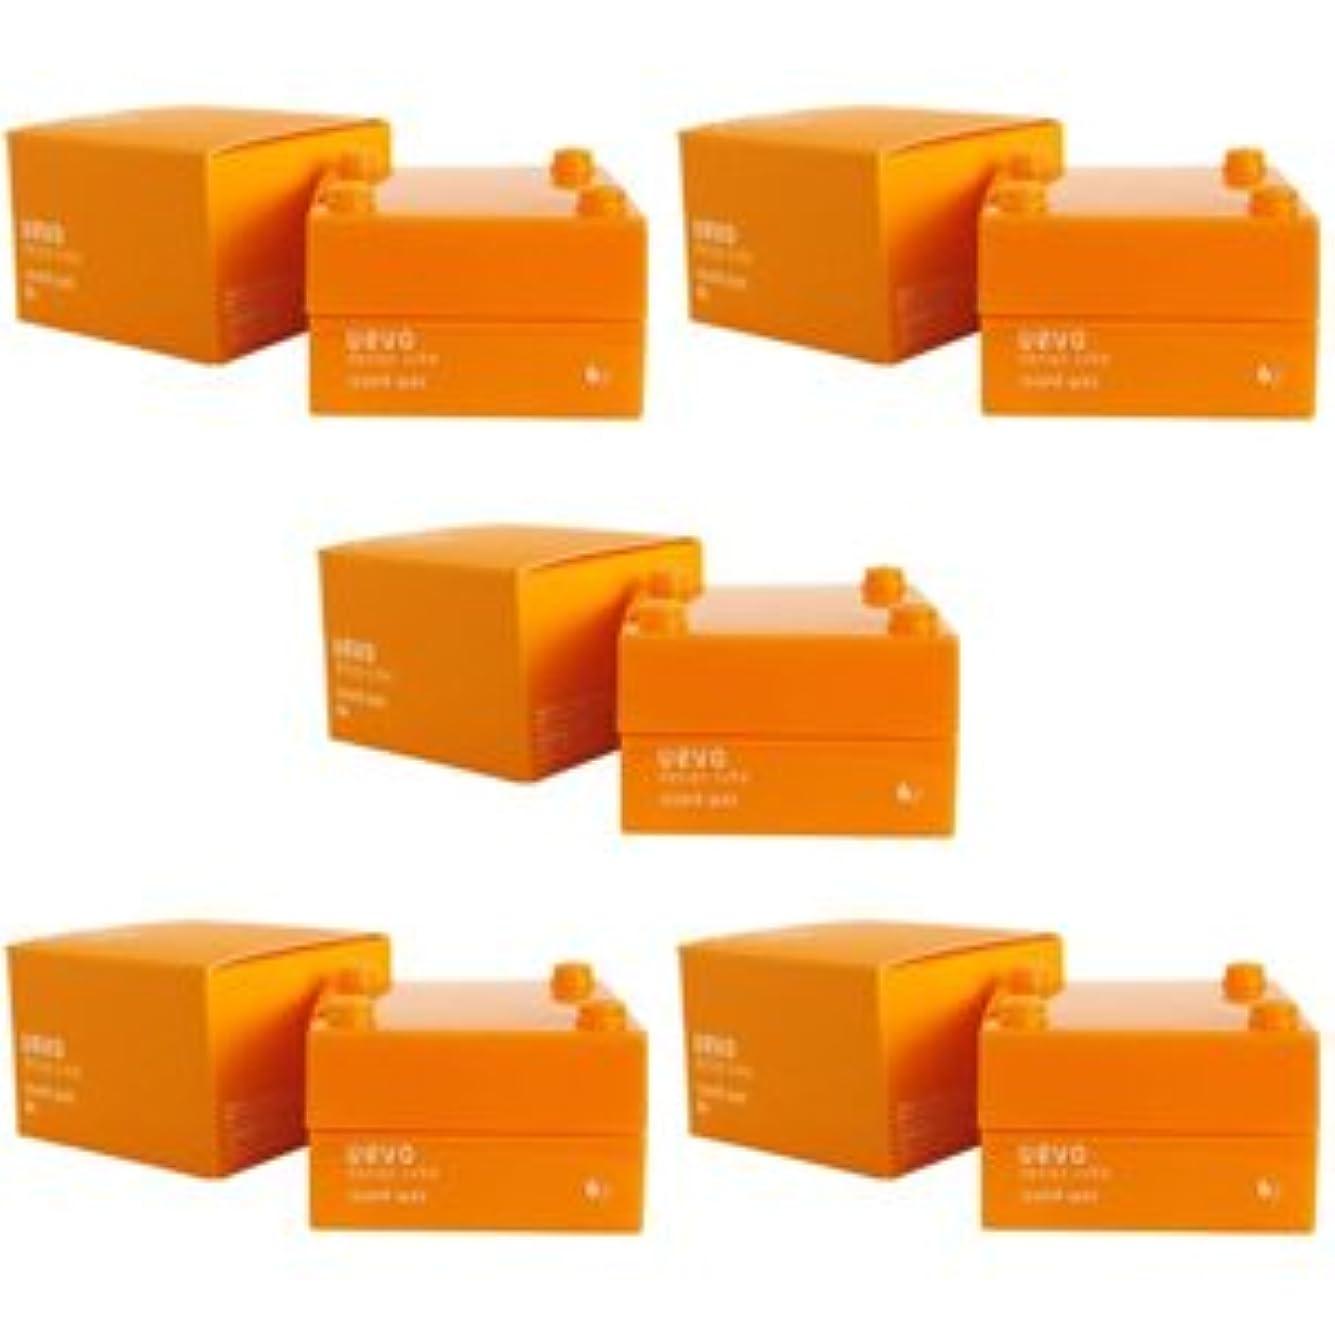 ロンドン許される不正【X5個セット】 デミ ウェーボ デザインキューブ ラウンドワックス 30g round wax DEMI uevo design cube